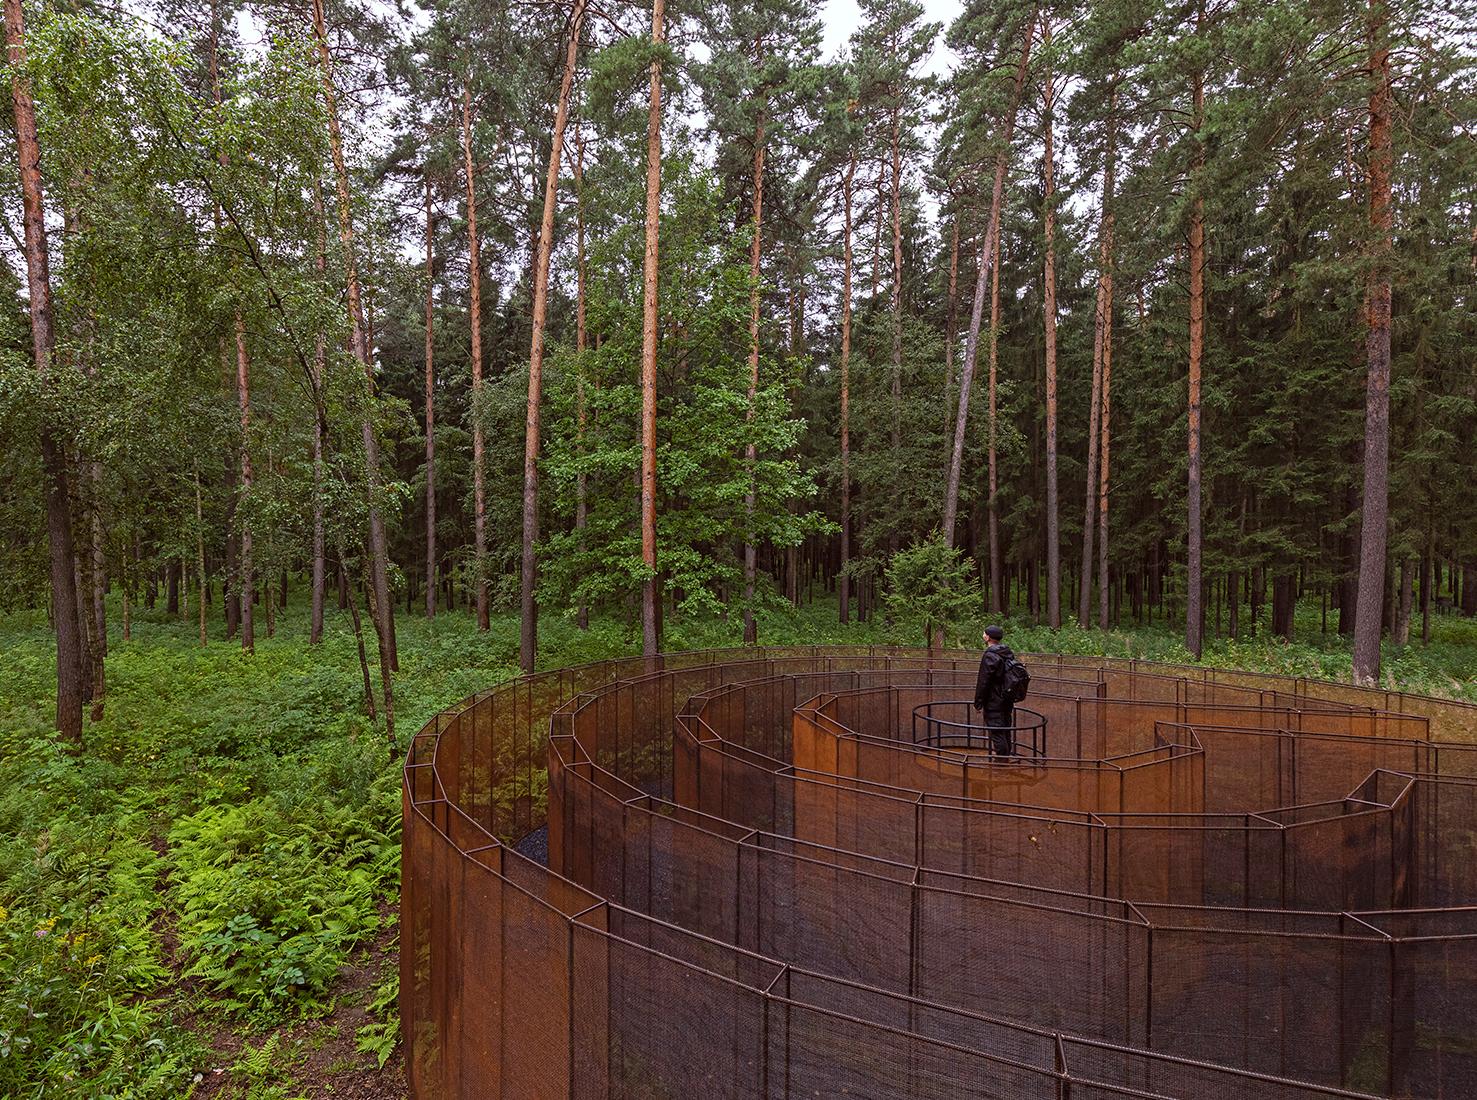 ЧА ЩА. Выставка в лесах фото